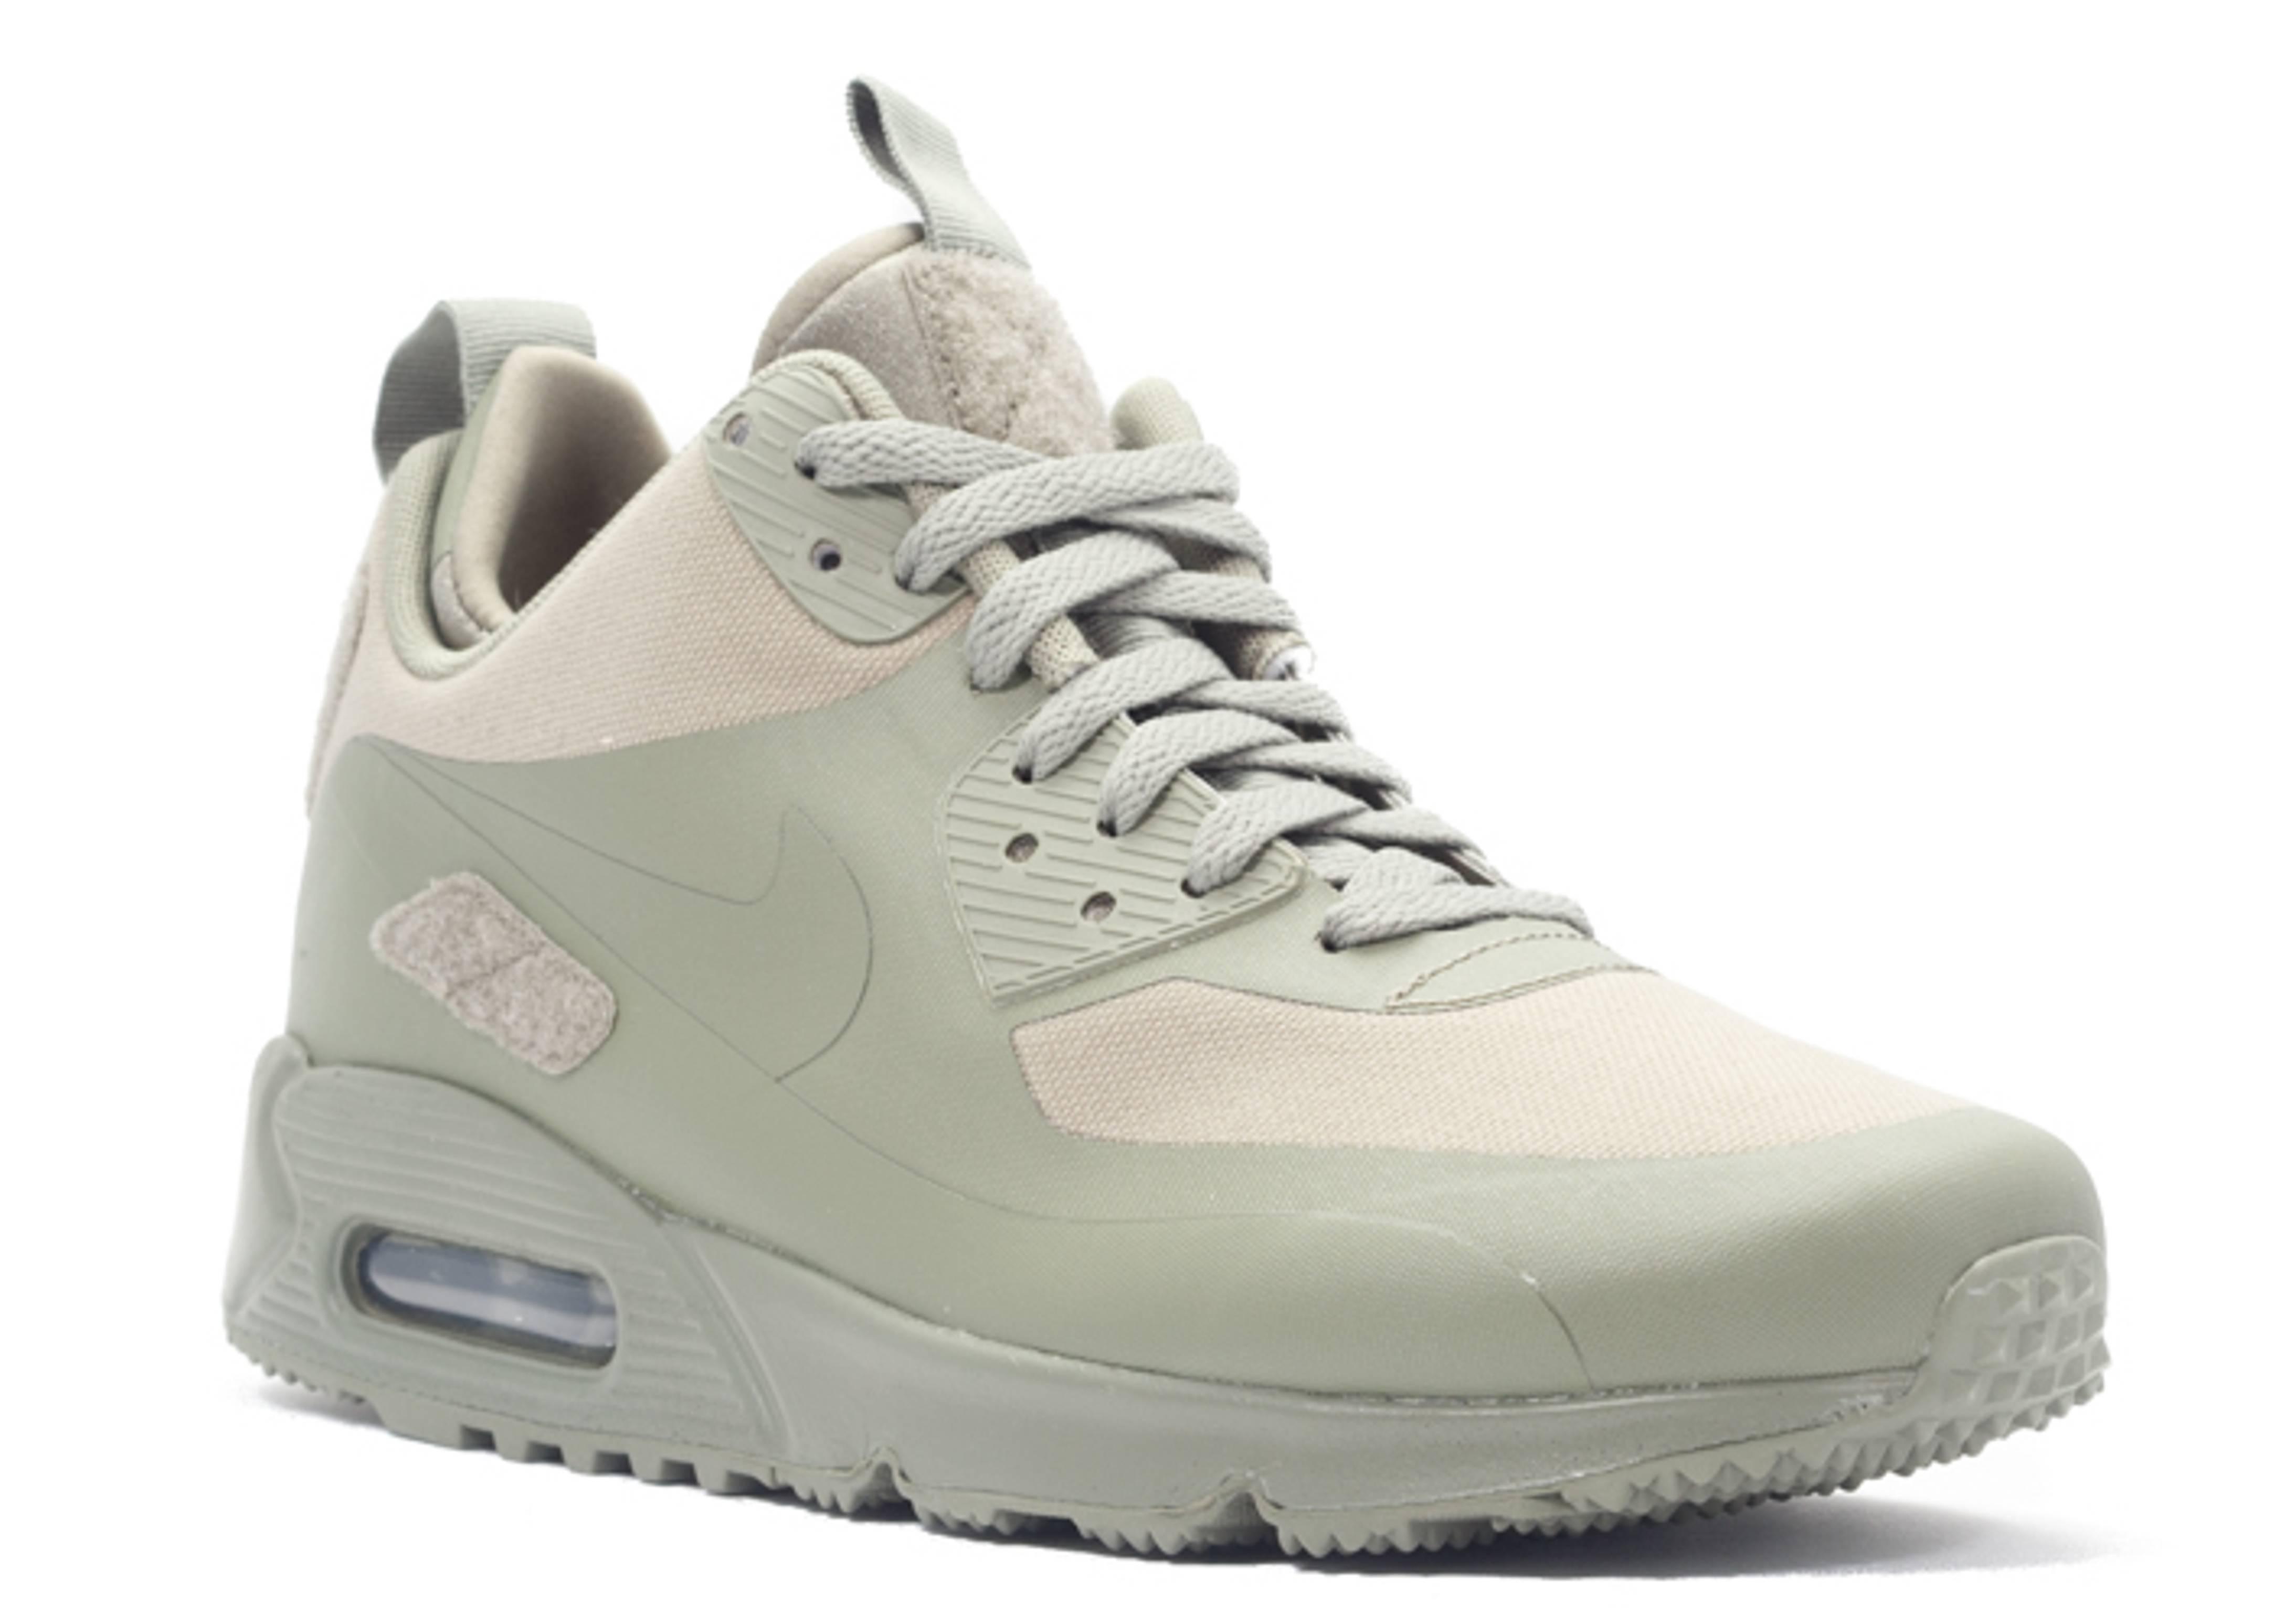 Air Max 90 Sneakerboot Sp Nike 704570 300 steel green